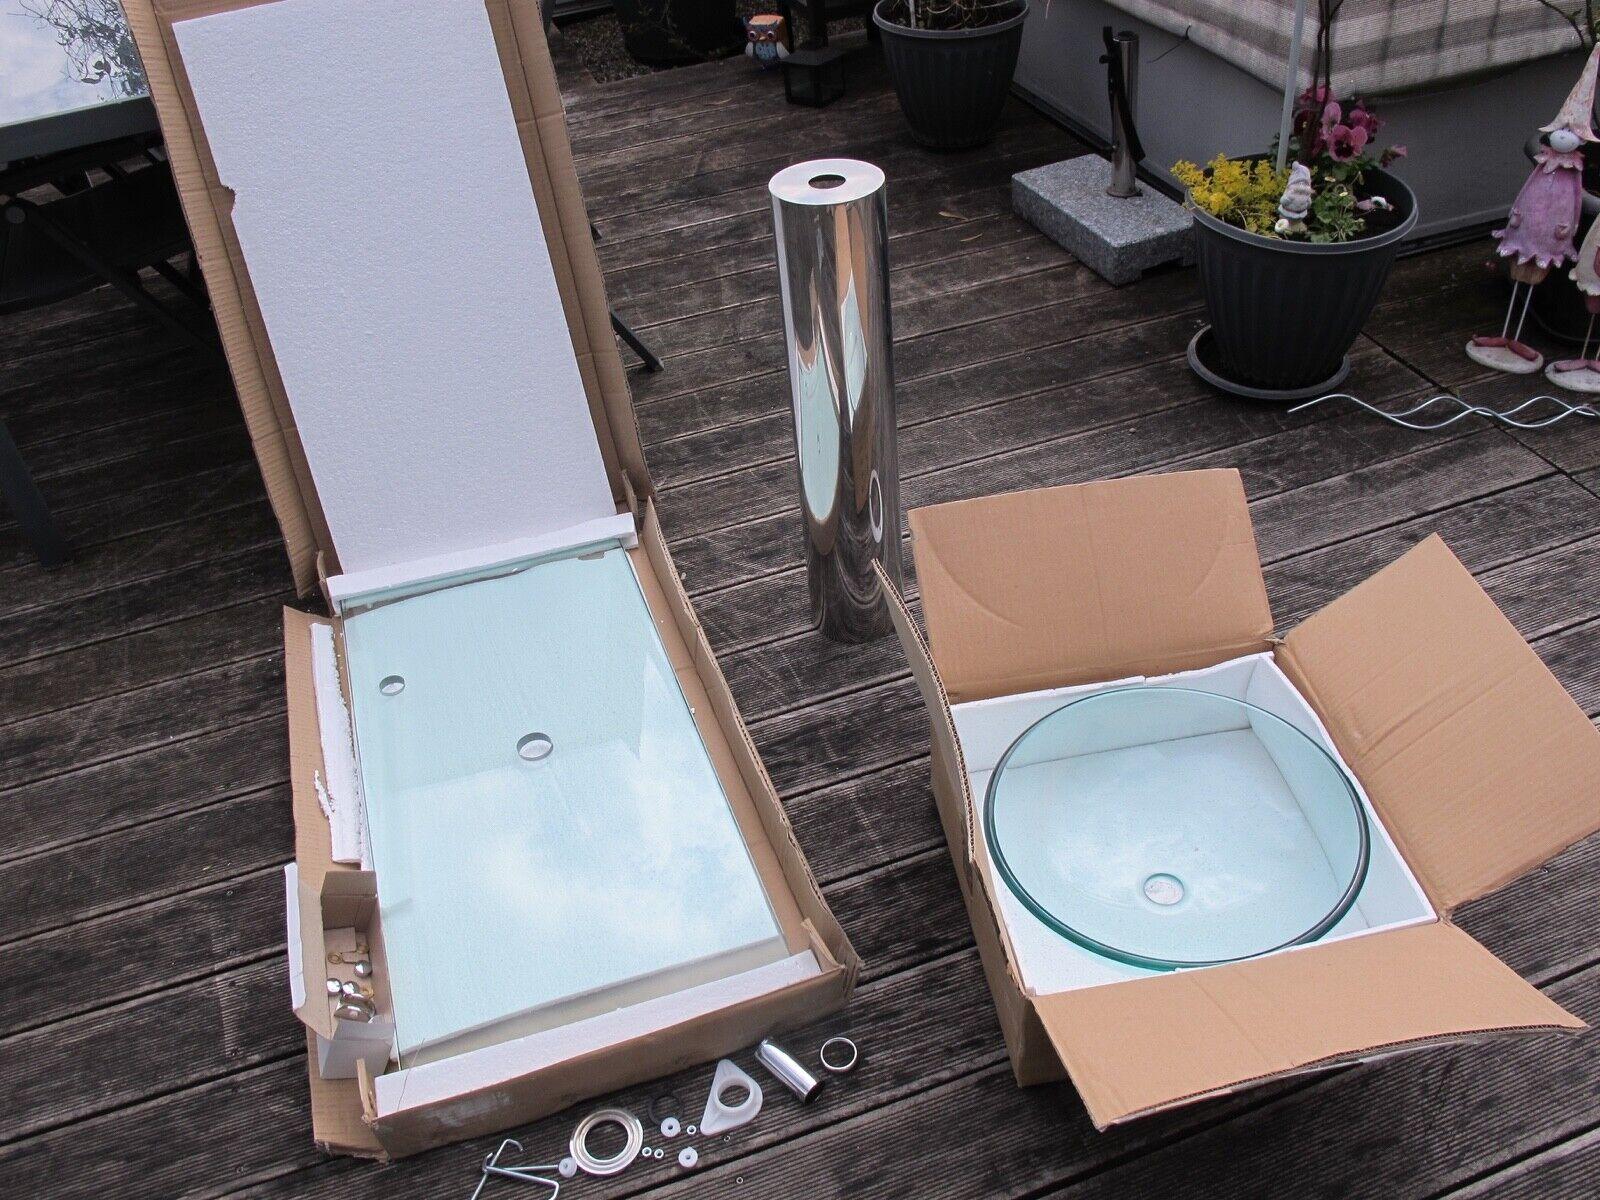 NEU Designer Waschtisch Aufsatzwaschbecken Glas Standfuss silber rund